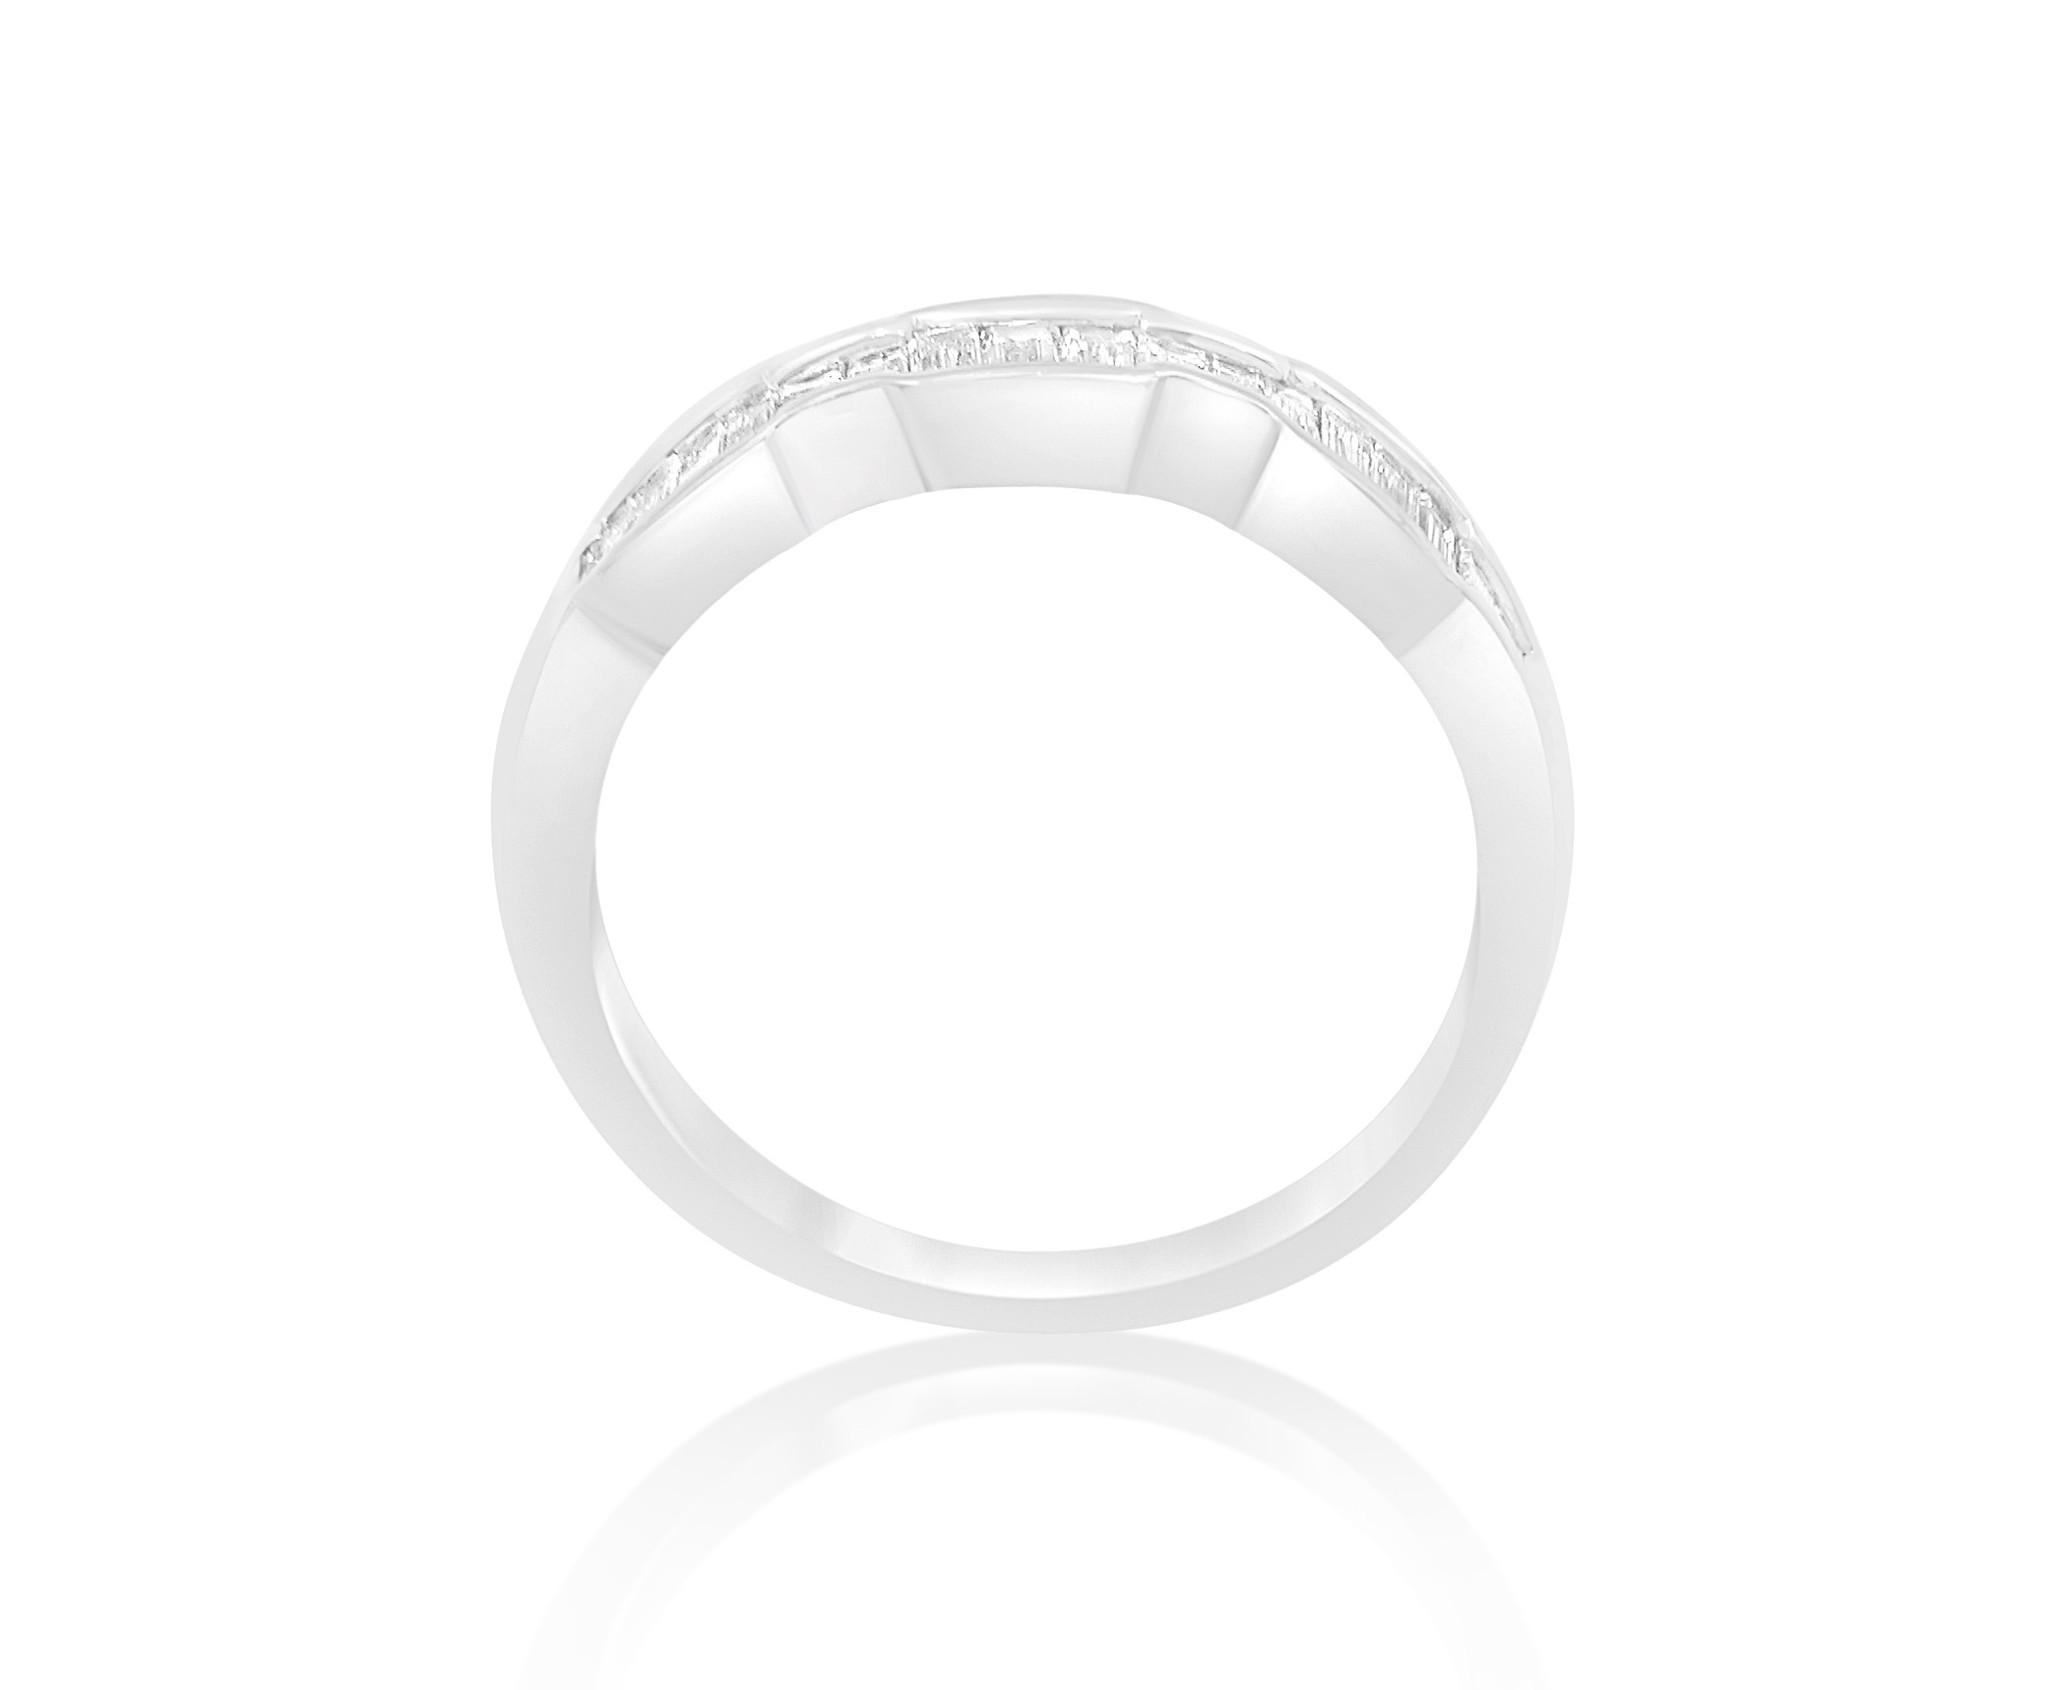 18 karaat wit goud ring met 0.60 CT diamanten